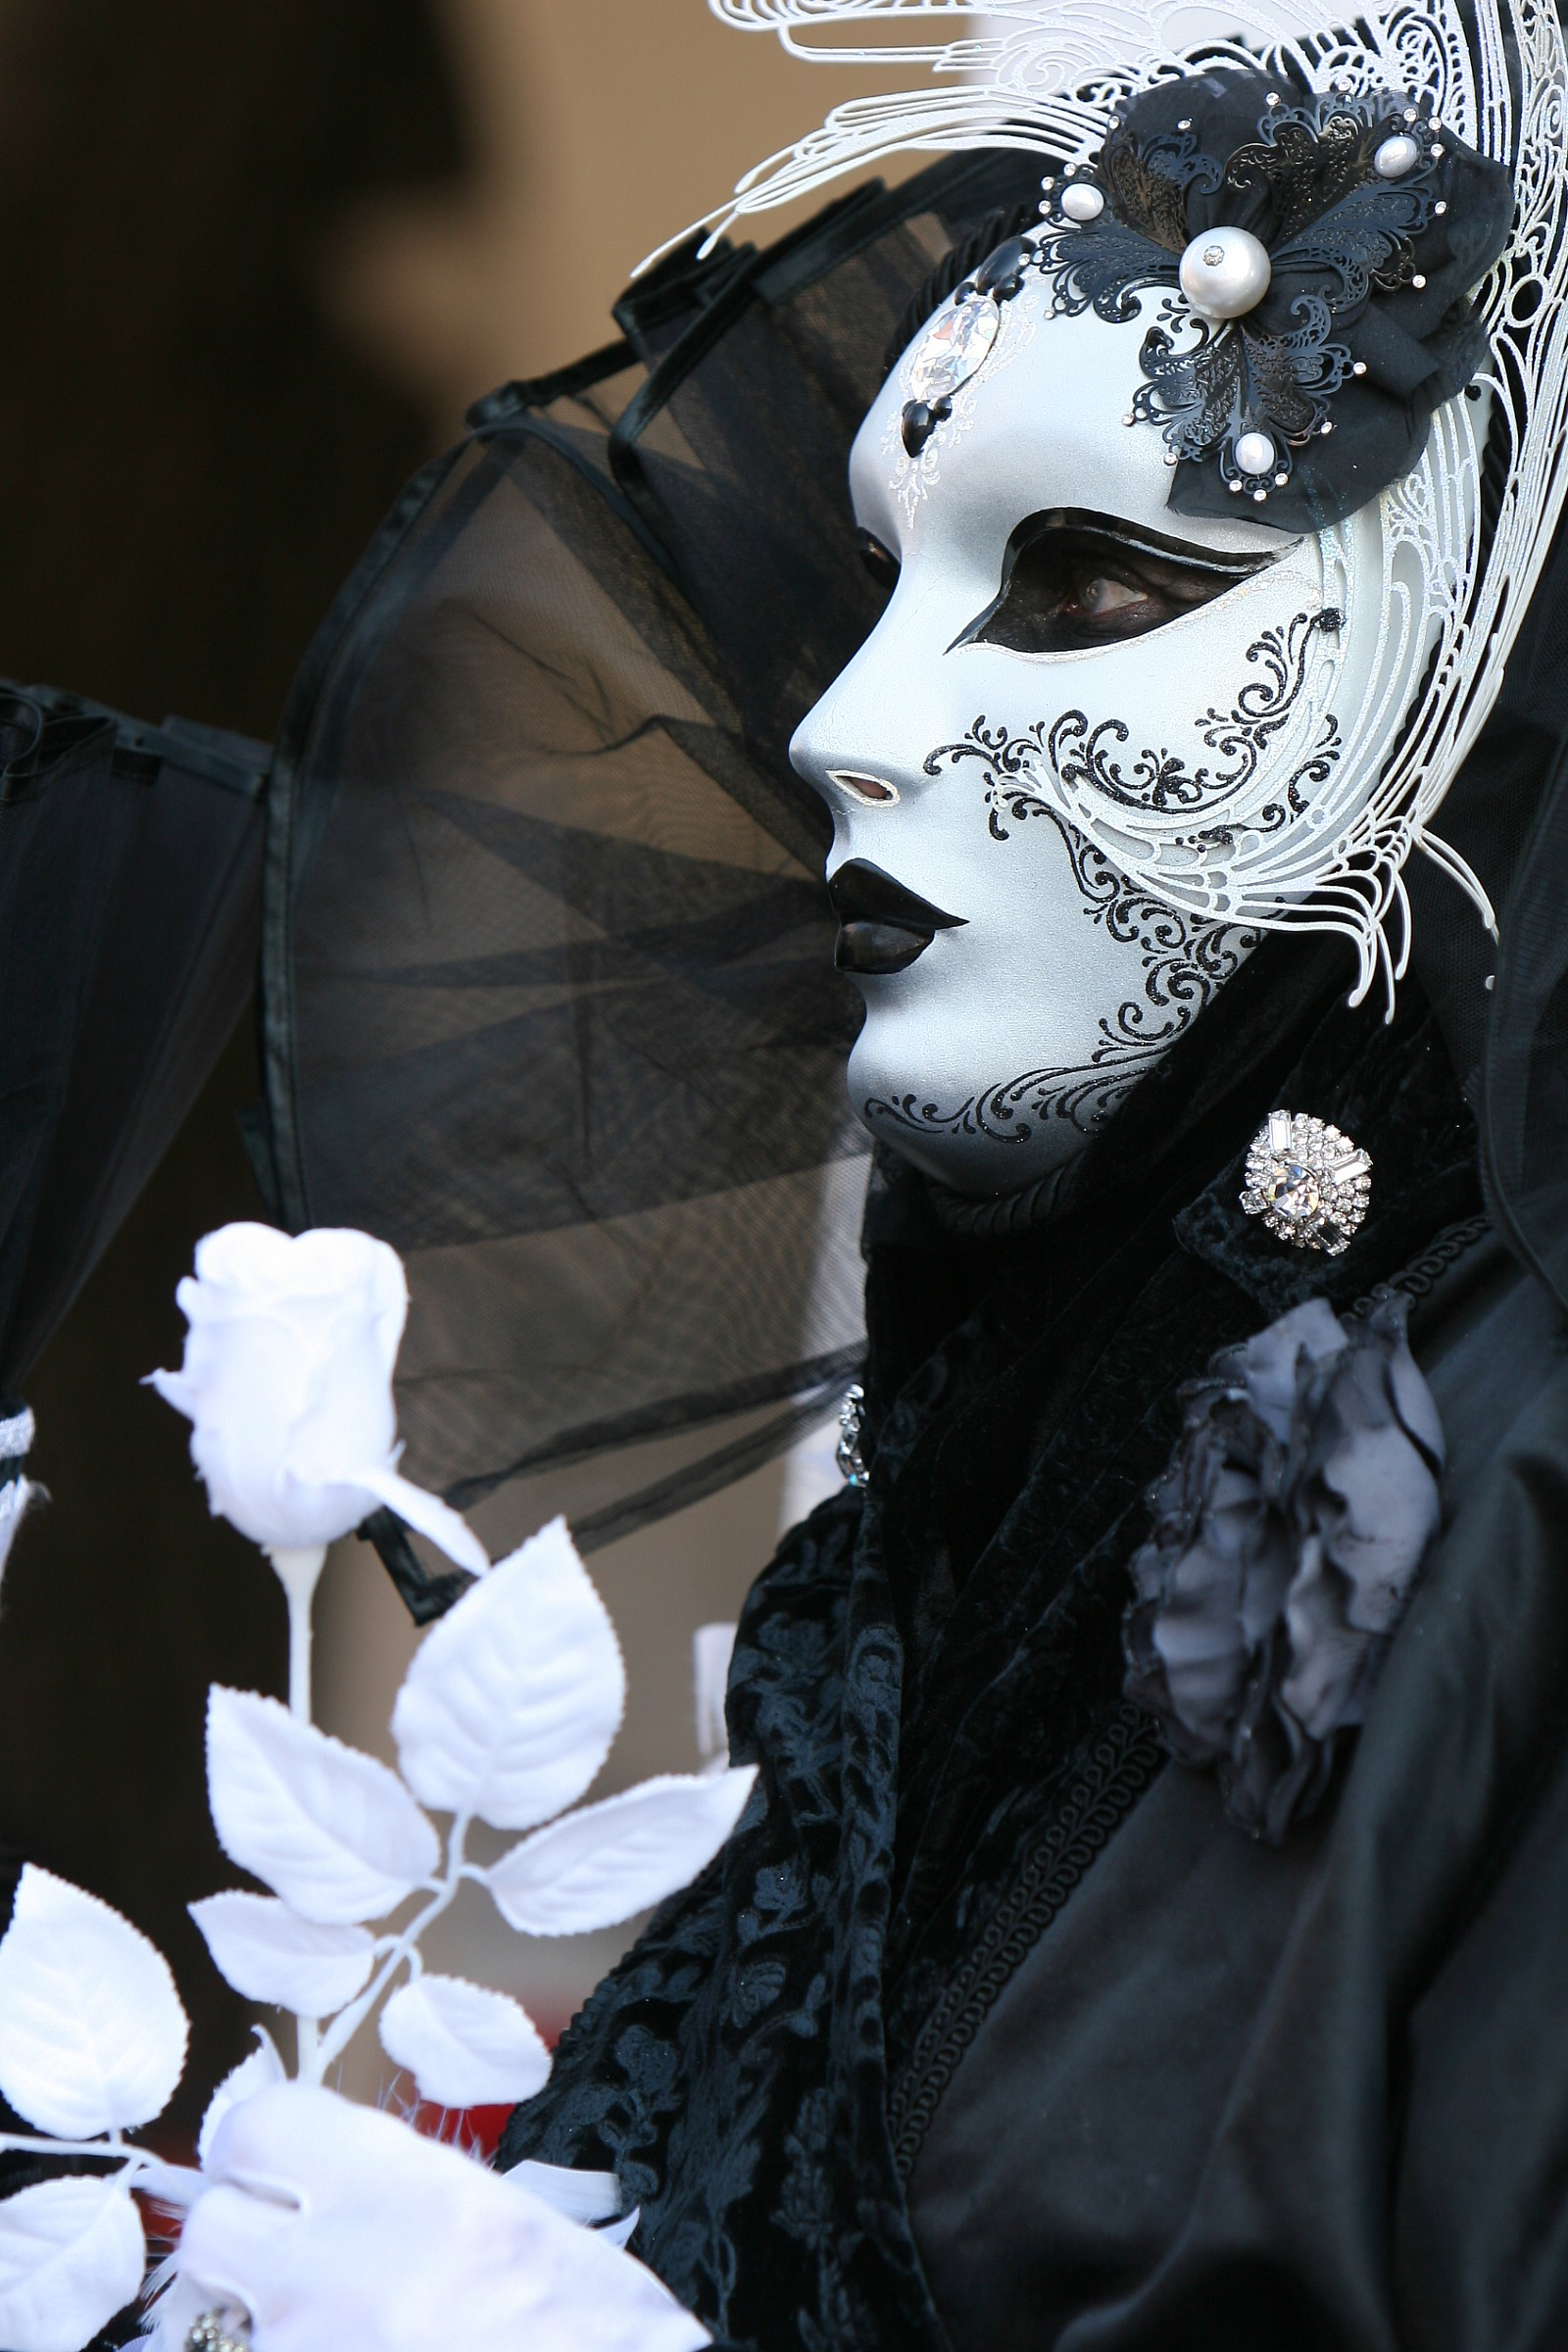 Maschere di carnevale...